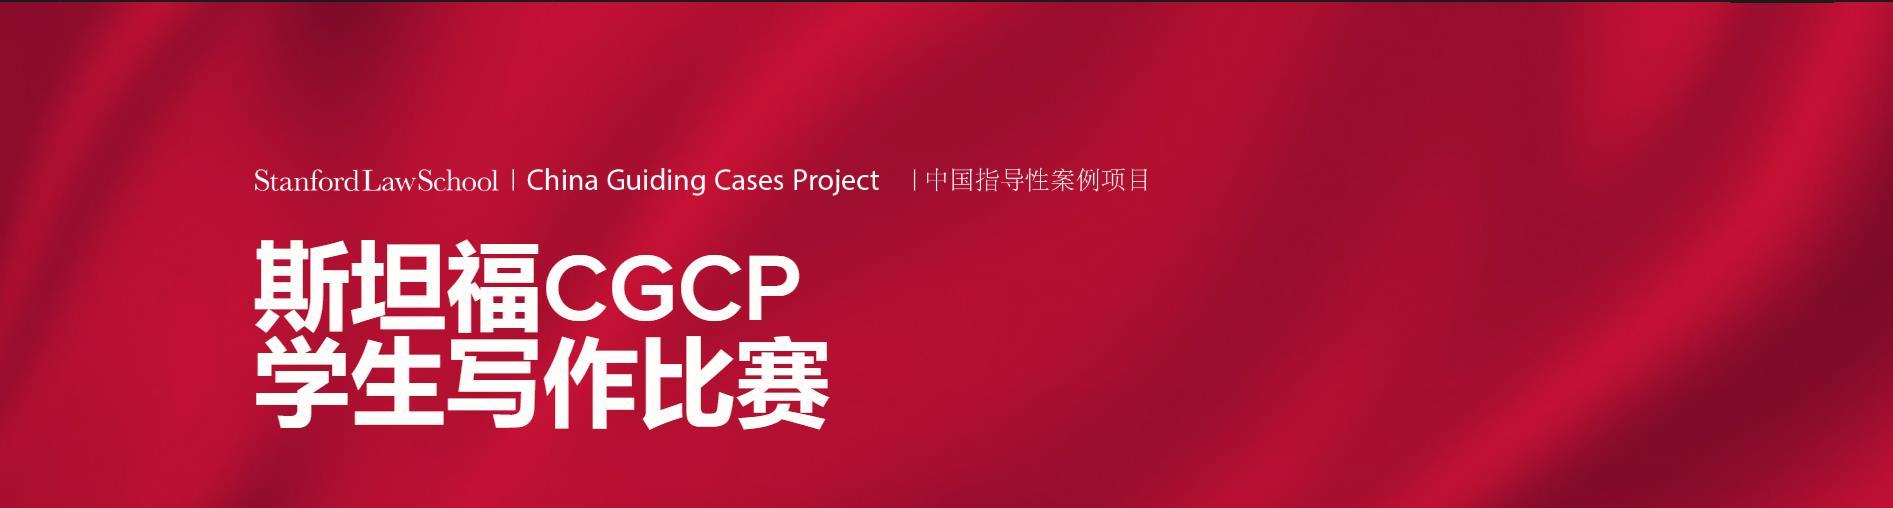 斯坦福CGCP是什么?怎么报名?活动有门槛吗?活动时间和流程是怎样的?-China Guiding Cases Project